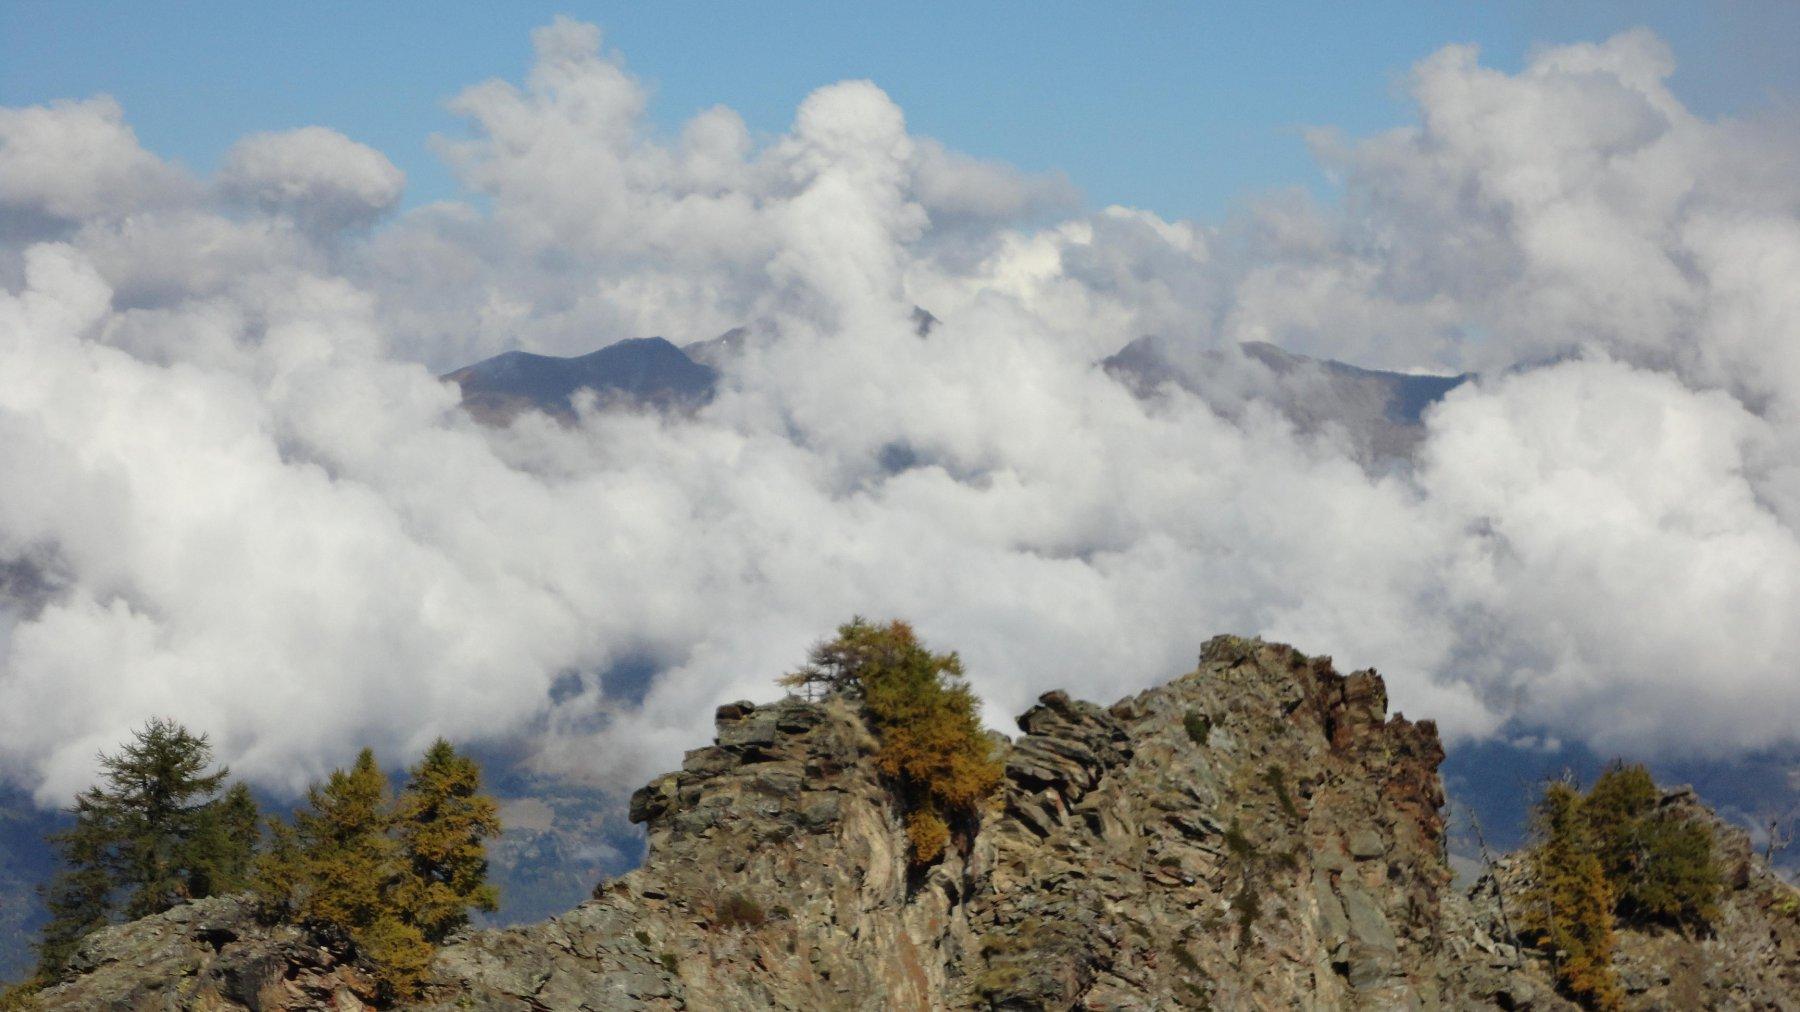 Plana (Becca) da Chevrere 2015-10-10